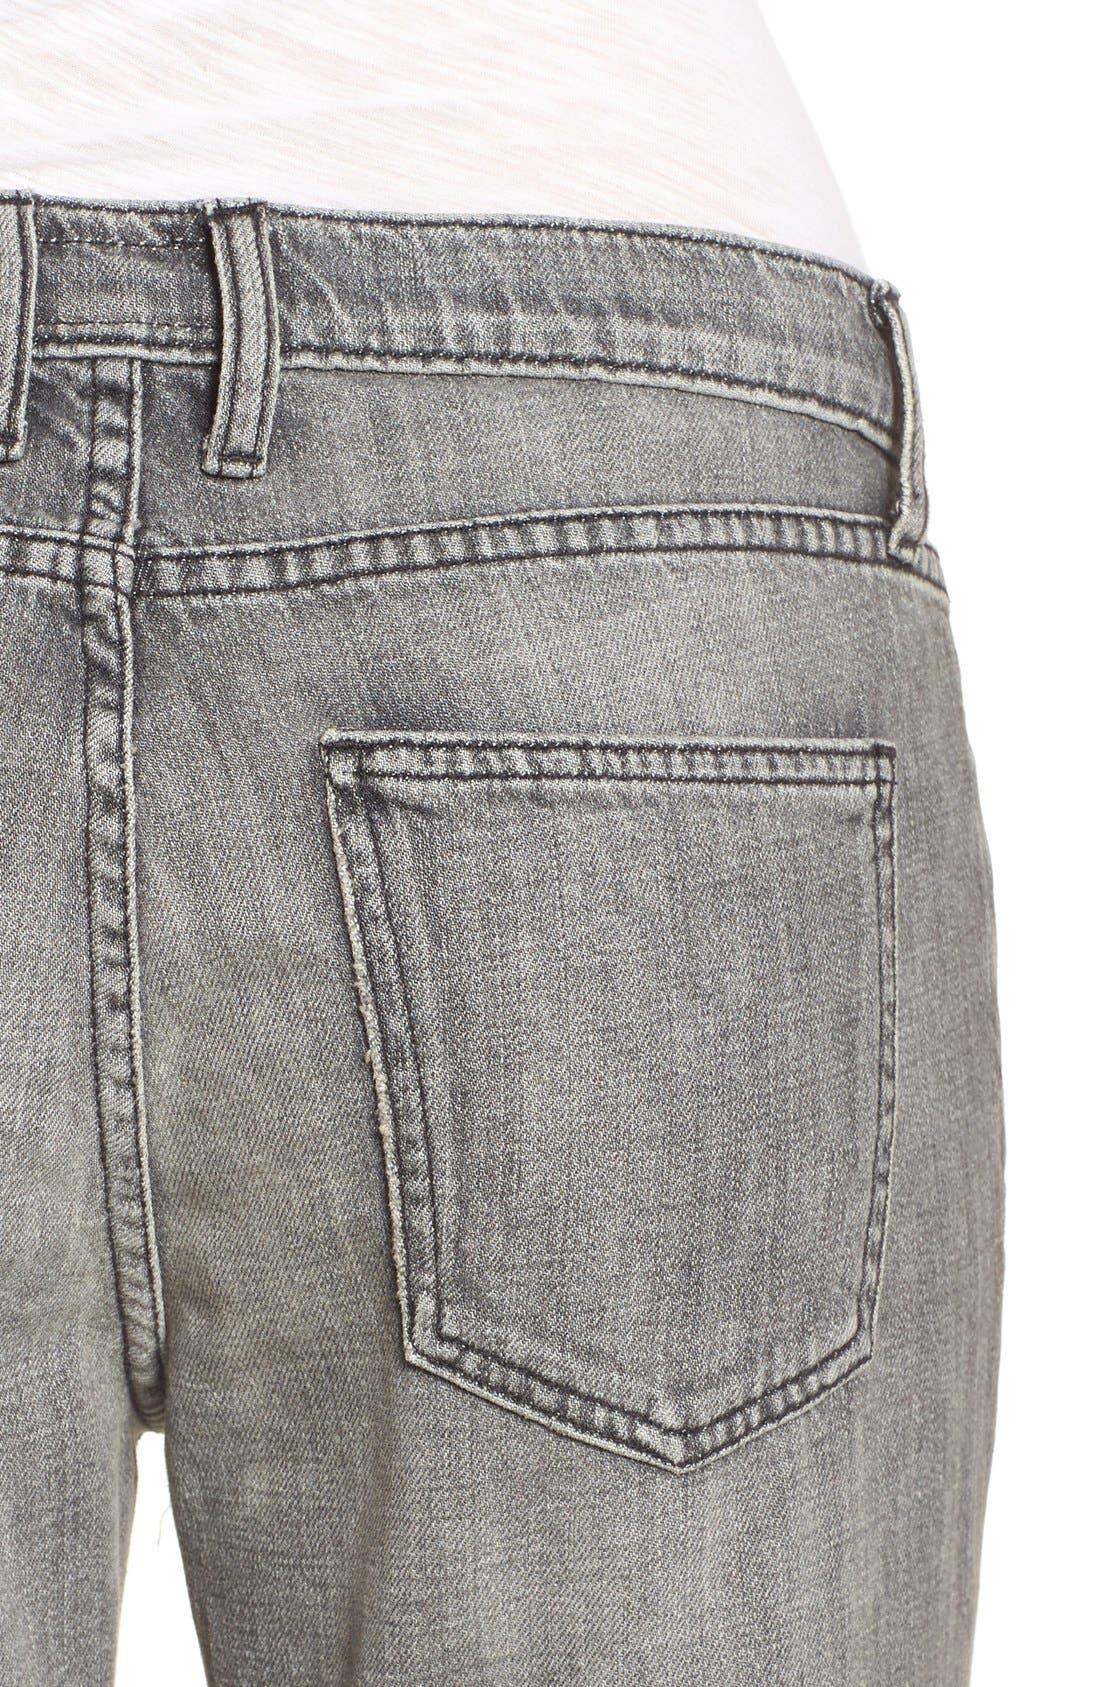 Alternate Image 5  - Current/Elliott 'The Fling' Boyfriend Jeans (Metal Washed Black)